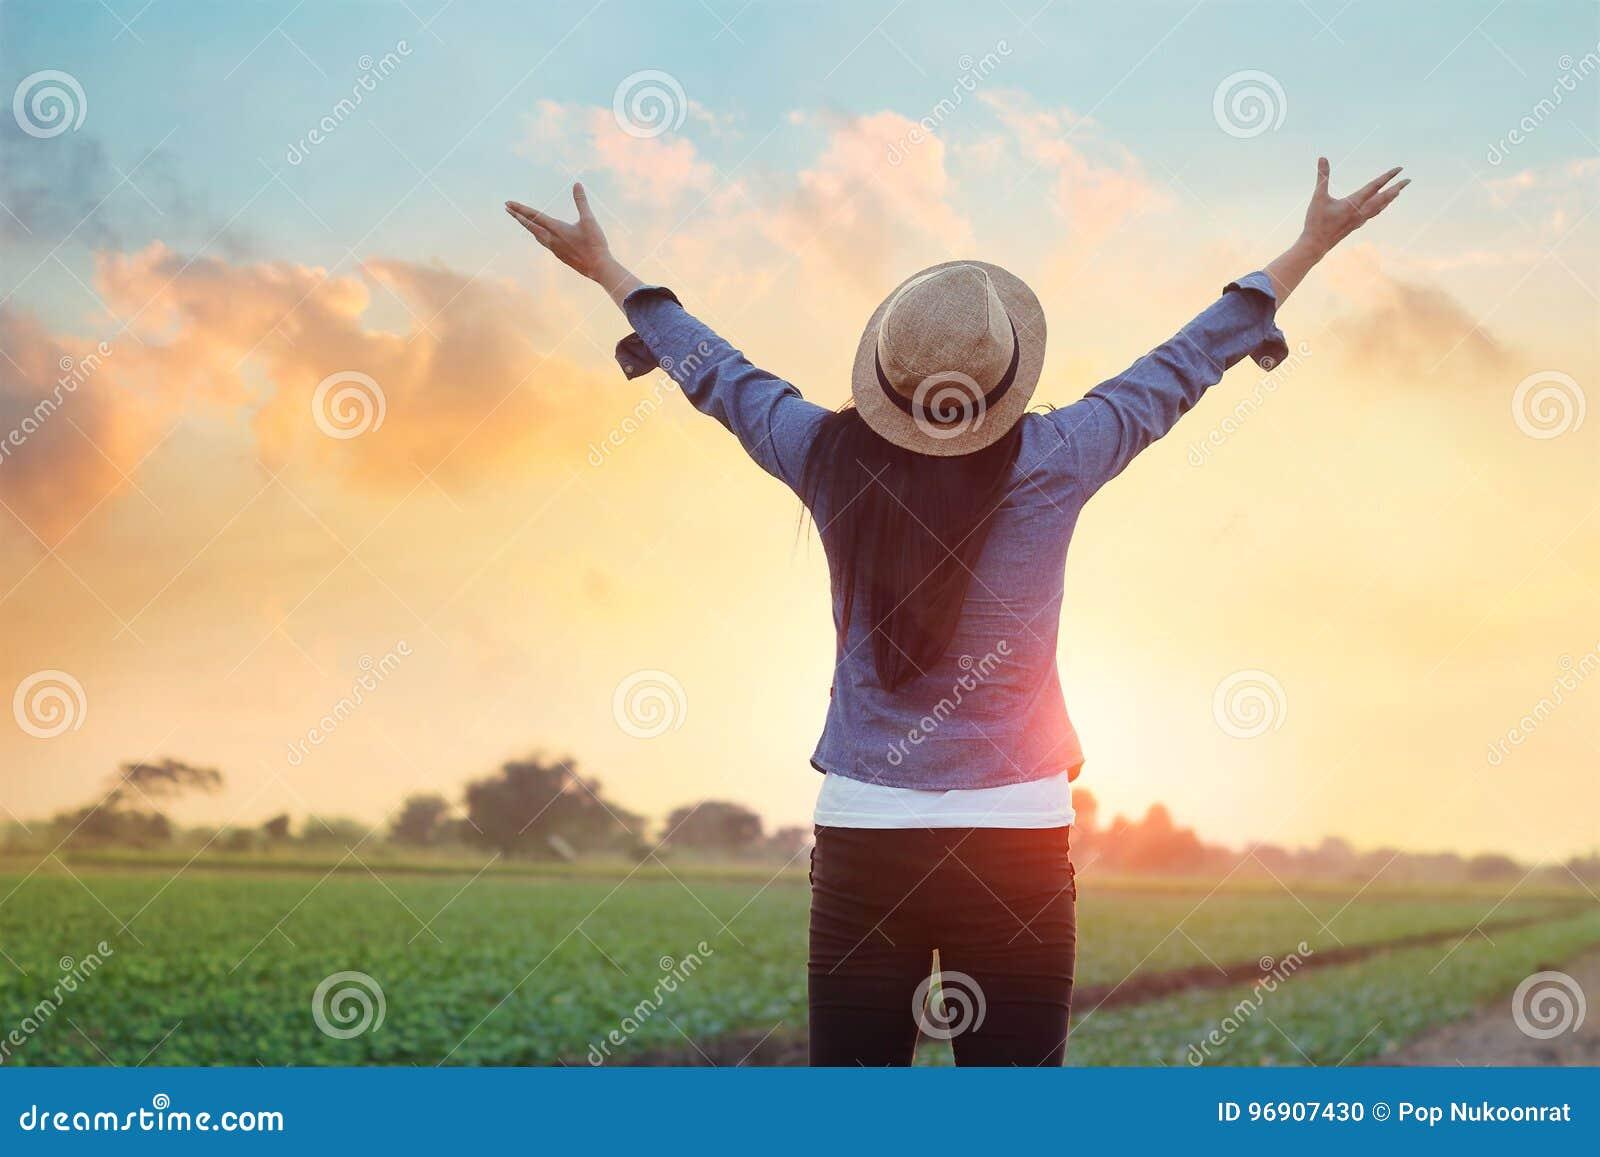 Öppen armandedräkt för kvinna av ny luft under solnedgången på ängen